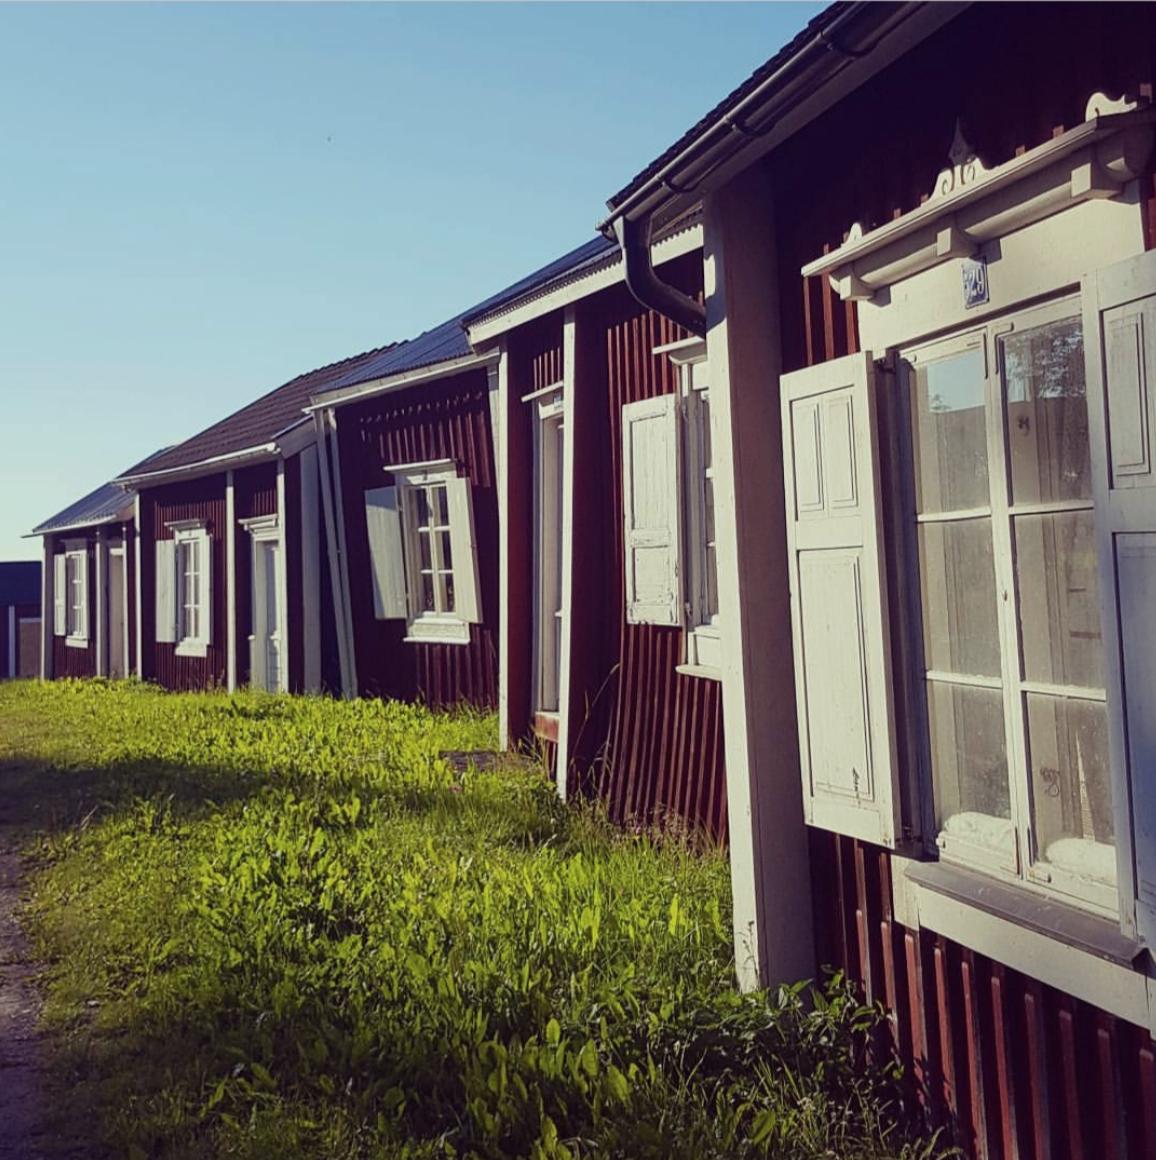 BARNVÄNLIGT - GAMMELSTAD KYRKBY UTANFÖR LULEÅKyrkbyn utanför Luleå är verkligen värd en omväg, här finns gamla mysiga kyrkstugor, smala gränder, trevliga butiker och en intressant historia.Tips inskickat av: https://www.instagram.com/morsan.mia/